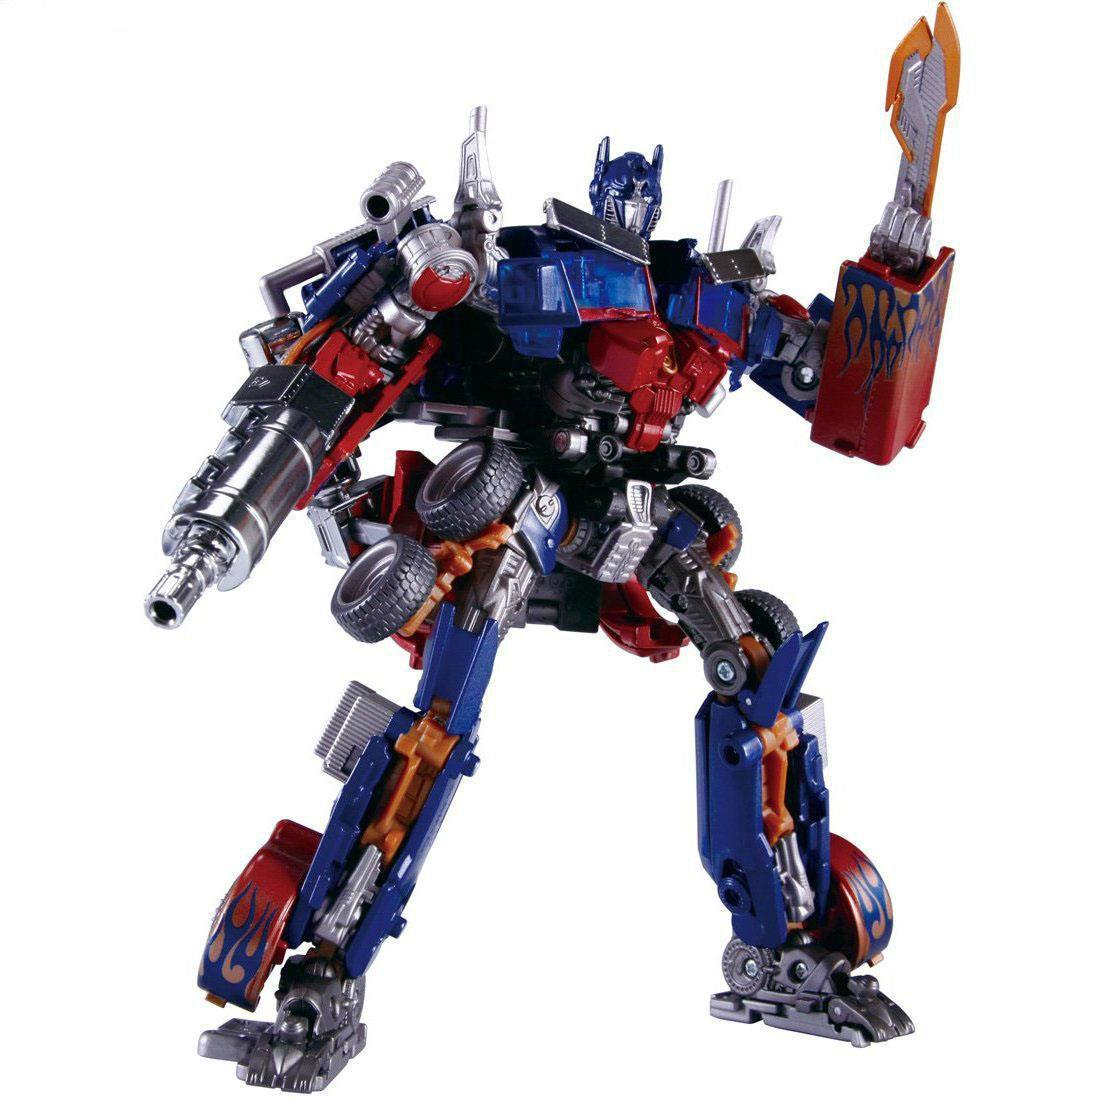 """Игрушка Оптимус Прайм """"Мститель"""" - Optimus Prime Revenge, TF4, Voyager, 18СМ, Takara Tomy, Hasbro"""